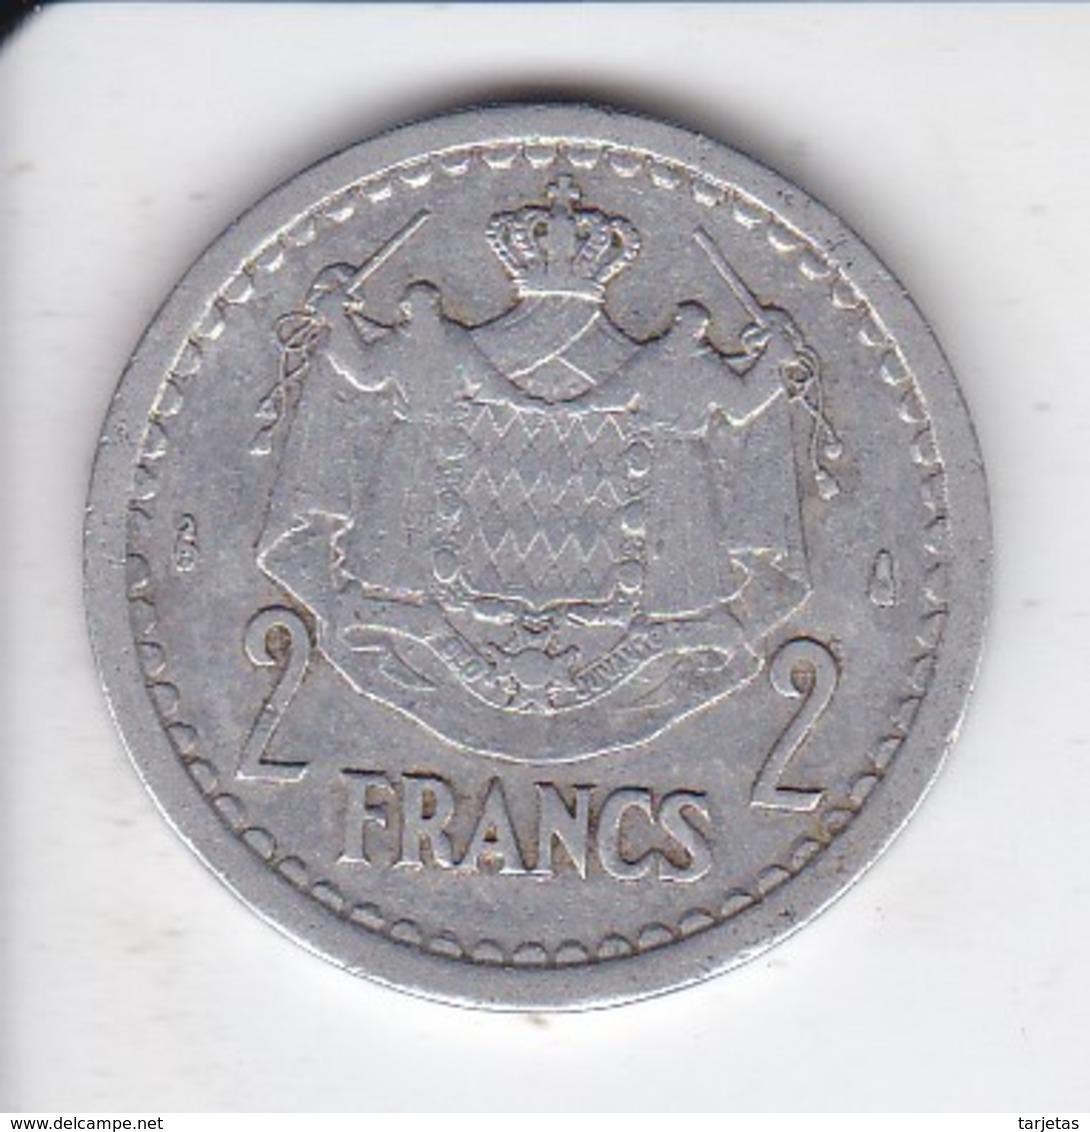 MONEDA DE MONACO DE 2 FRANCS DEL AÑO 1944 (COIN) LOUIS II - Mónaco